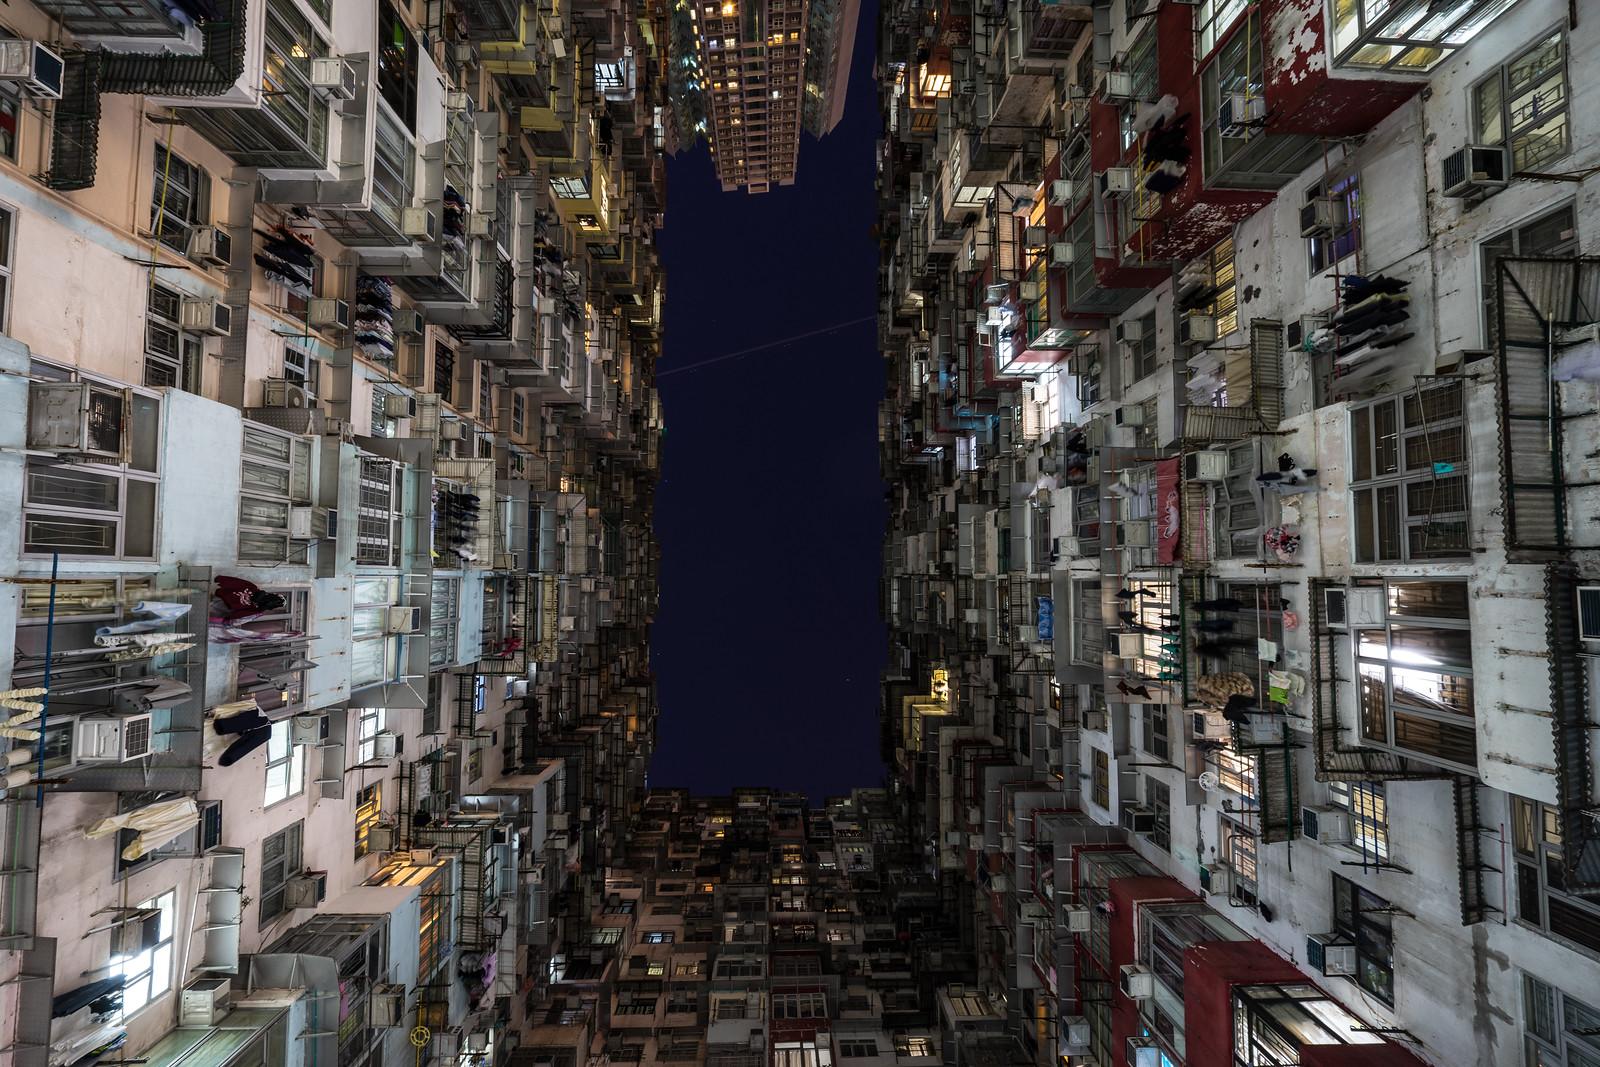 香港攝影景點|鰂魚涌海山樓(怪獸大廈),港鐵太古站著名打卡點,讓你回顧一下變形金剛的經典場景吧 ...